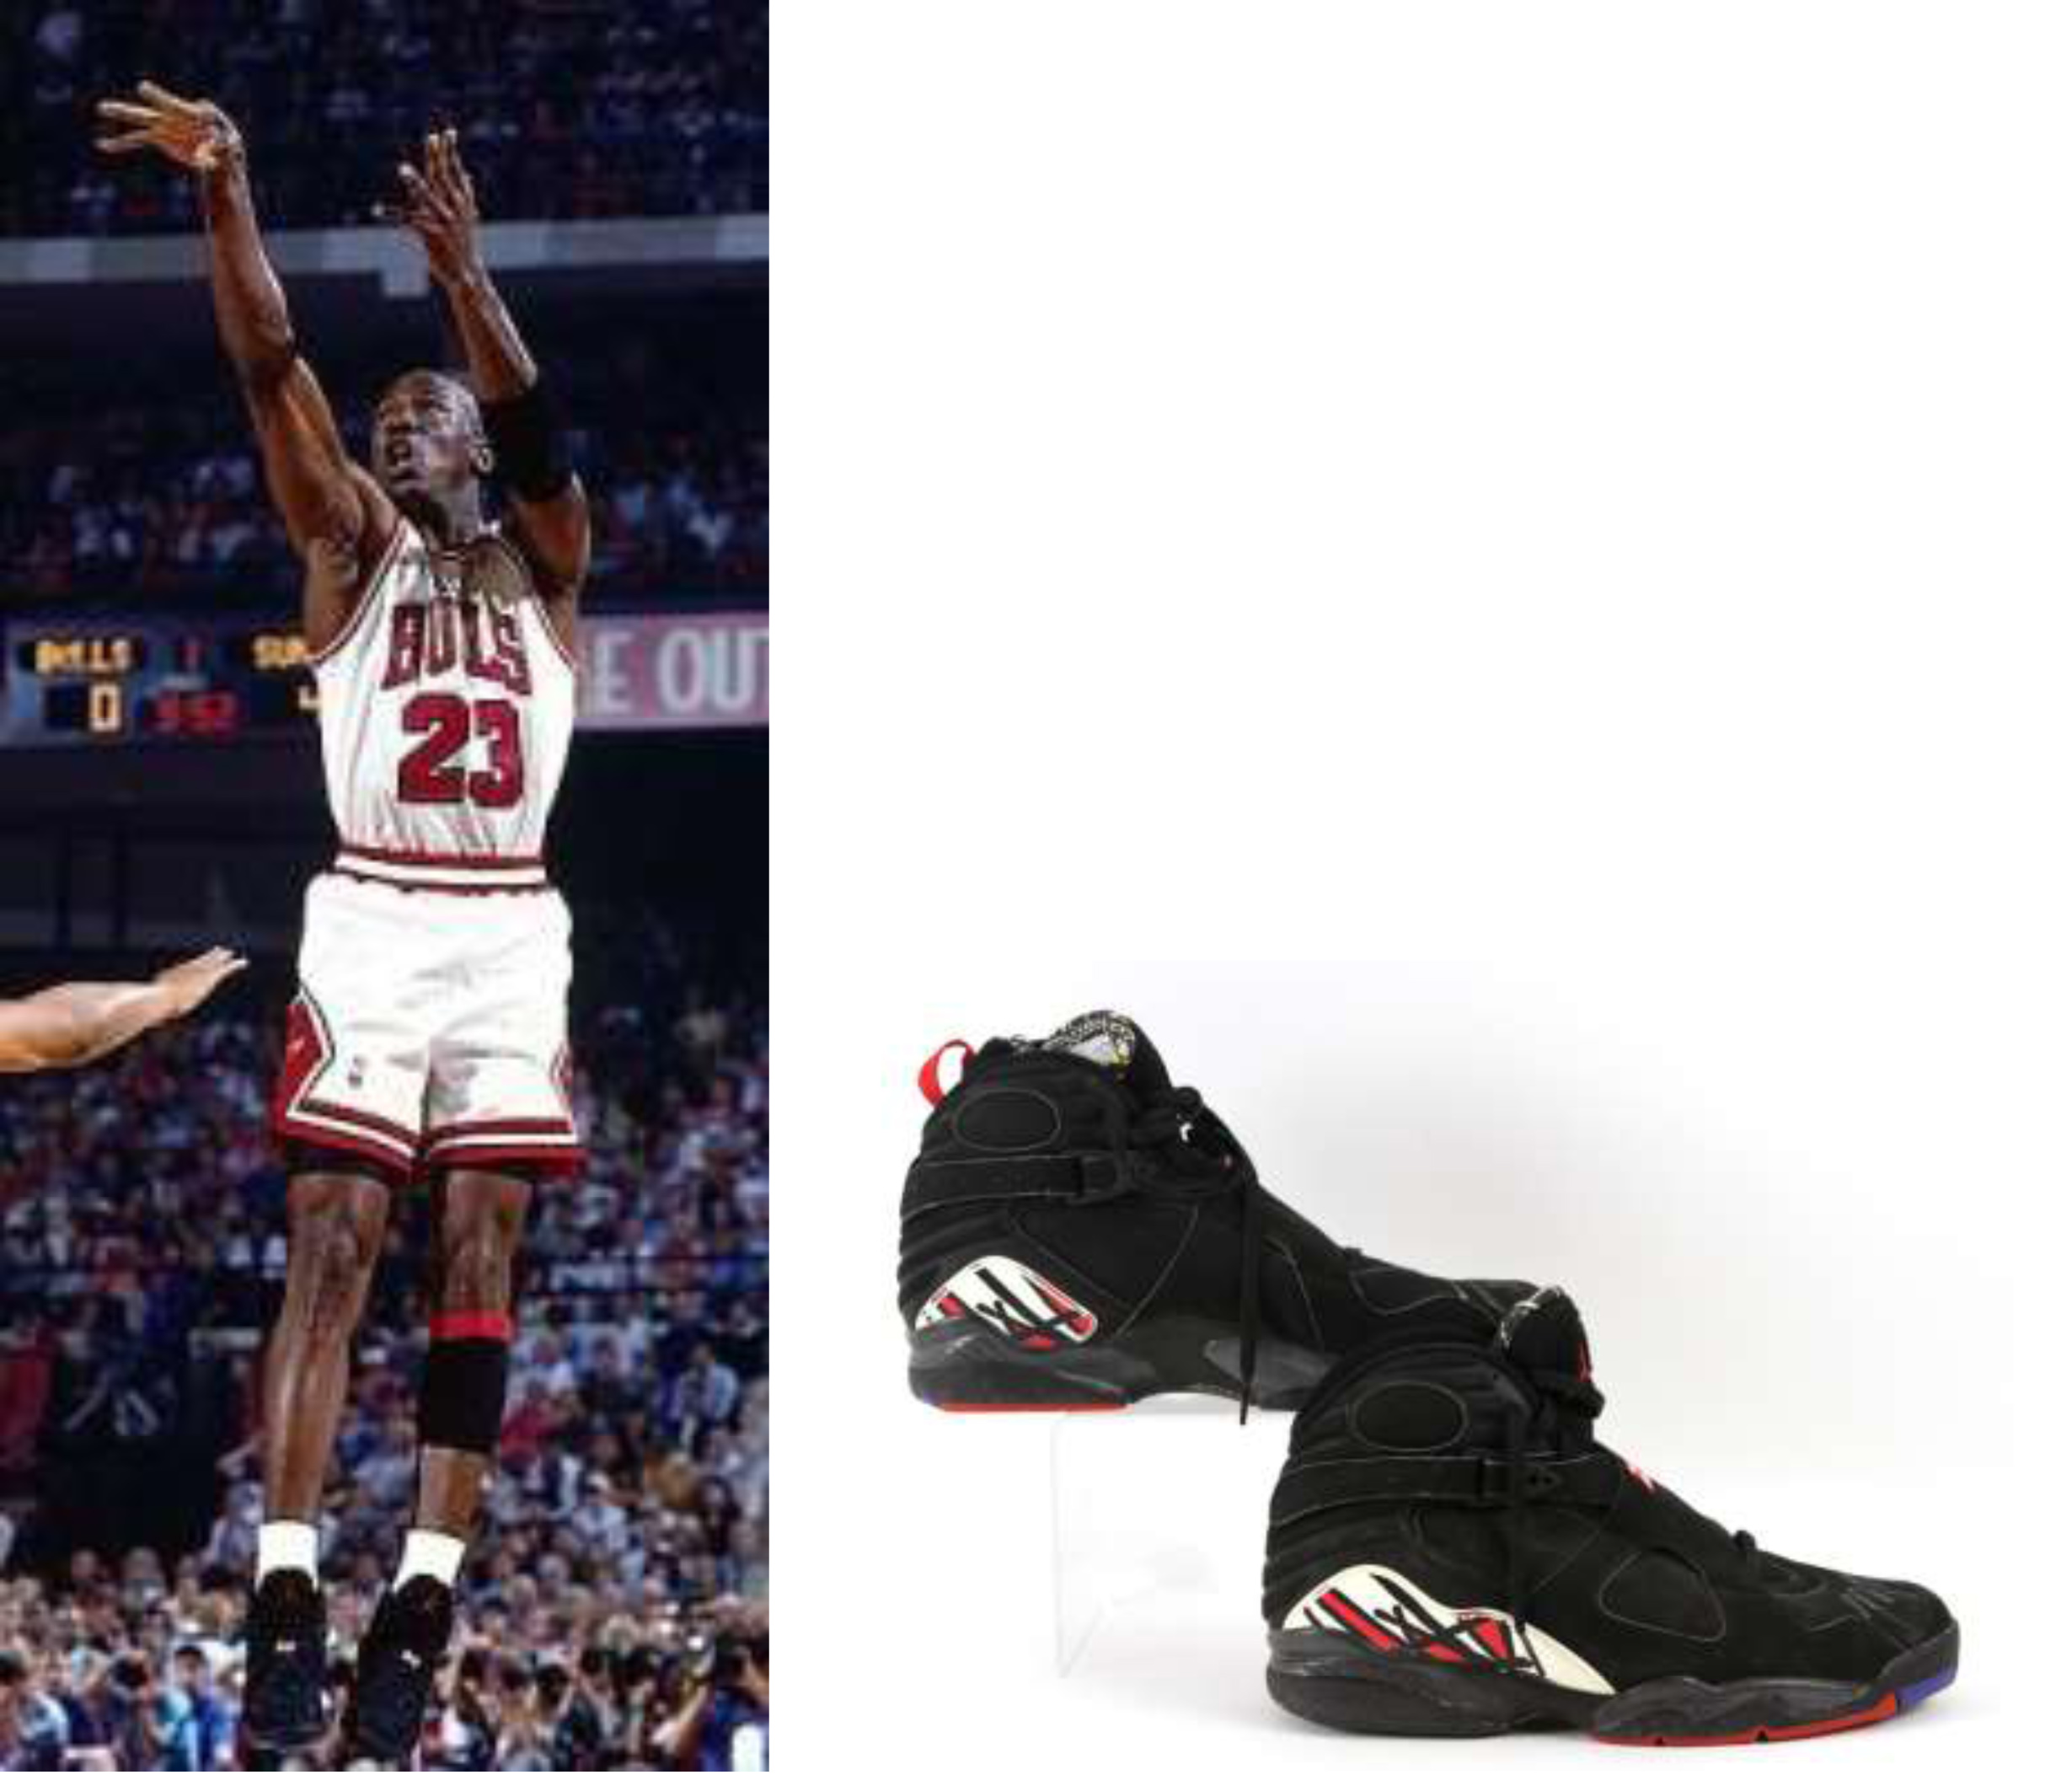 1993 Michael Jordan Chicago Bulls Nike